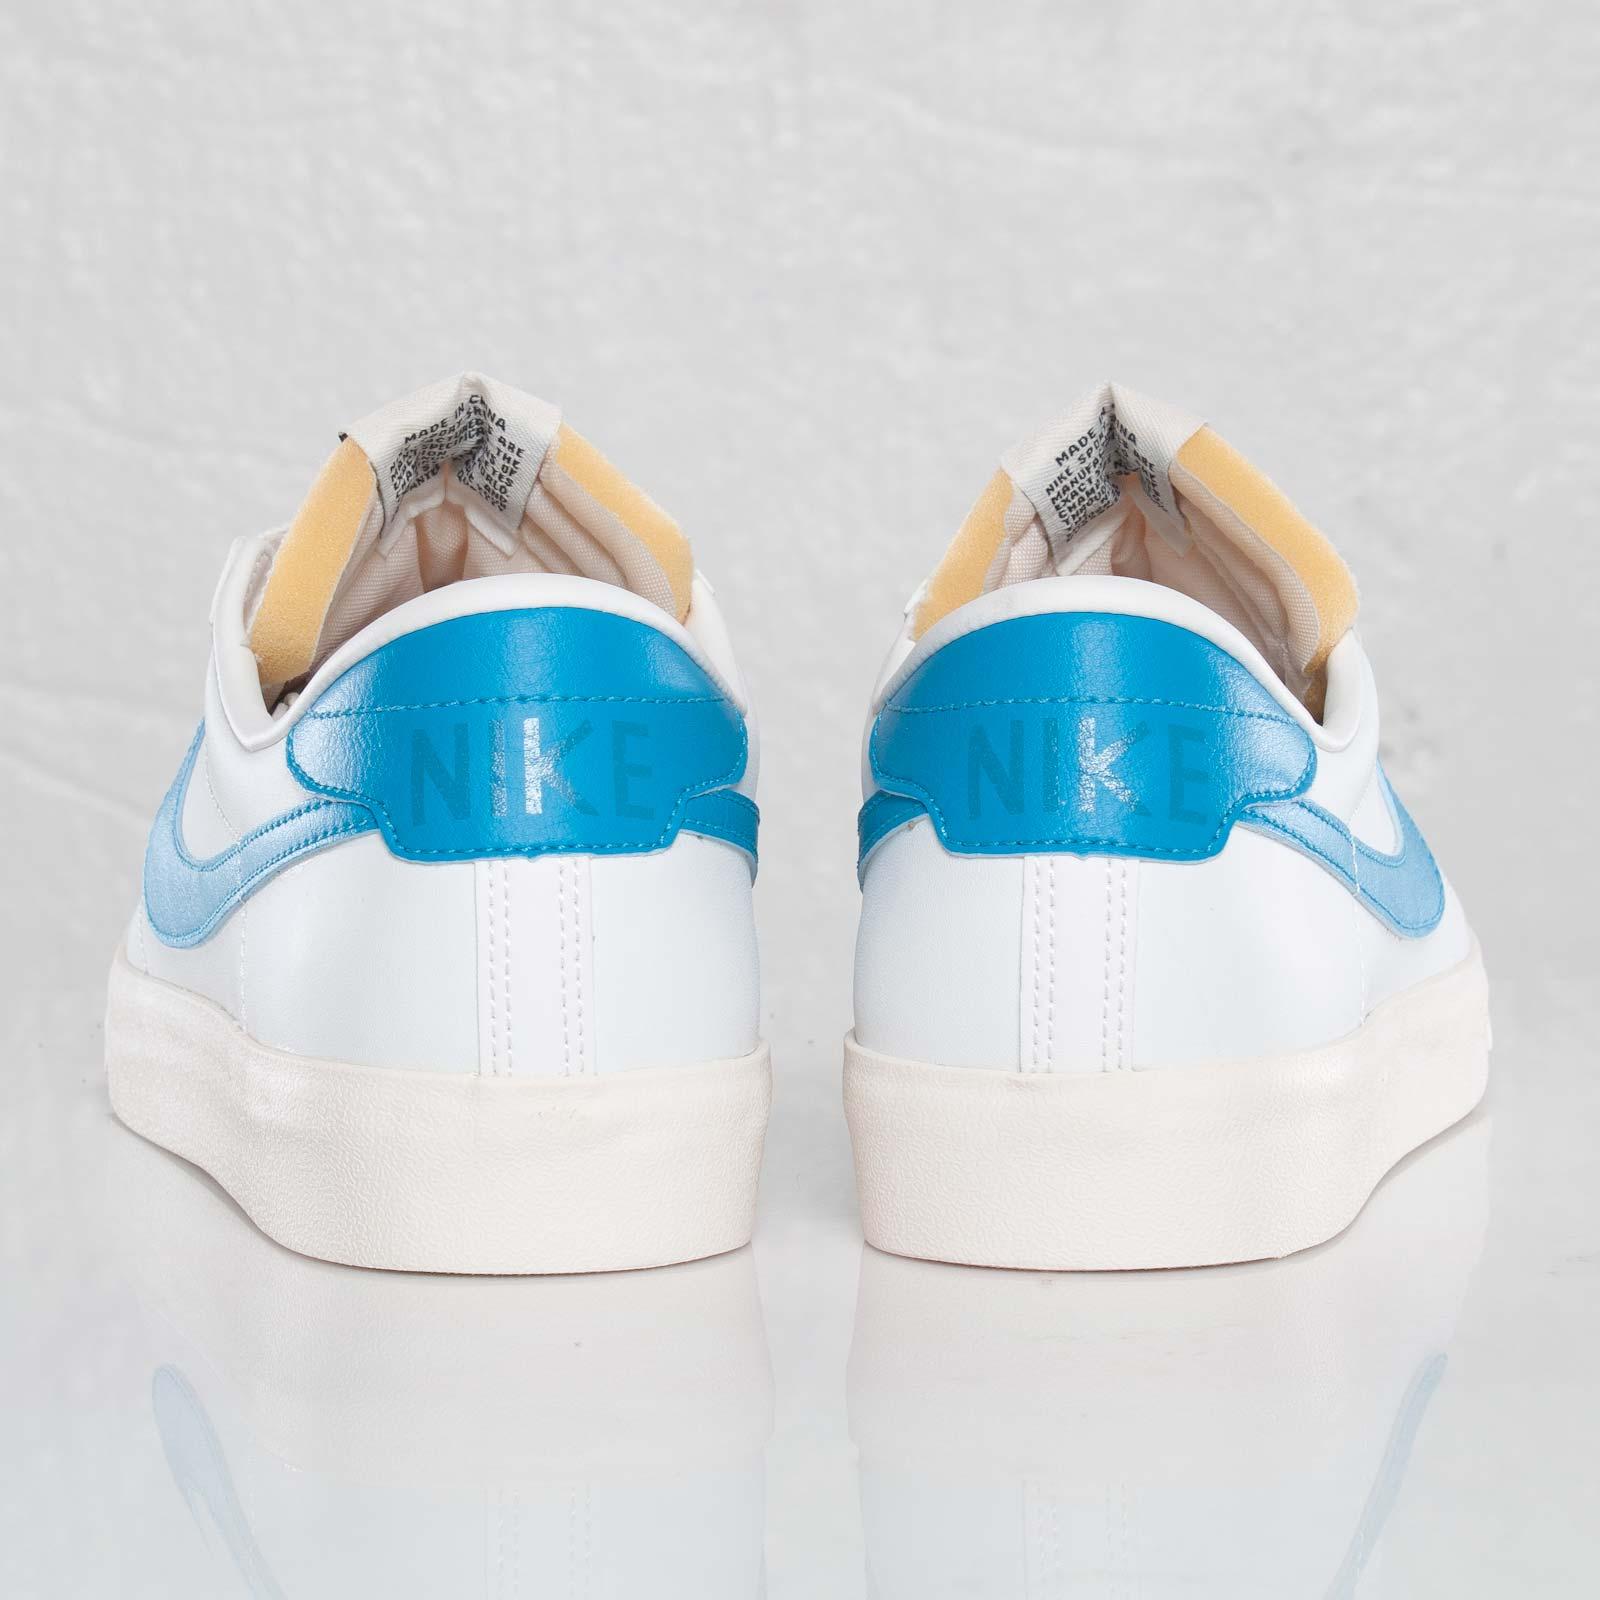 reputable site 2607f 624c5 Nike Tennis Classic AC Vintage - 110641 - Sneakersnstuff   sneakers    streetwear online since 1999